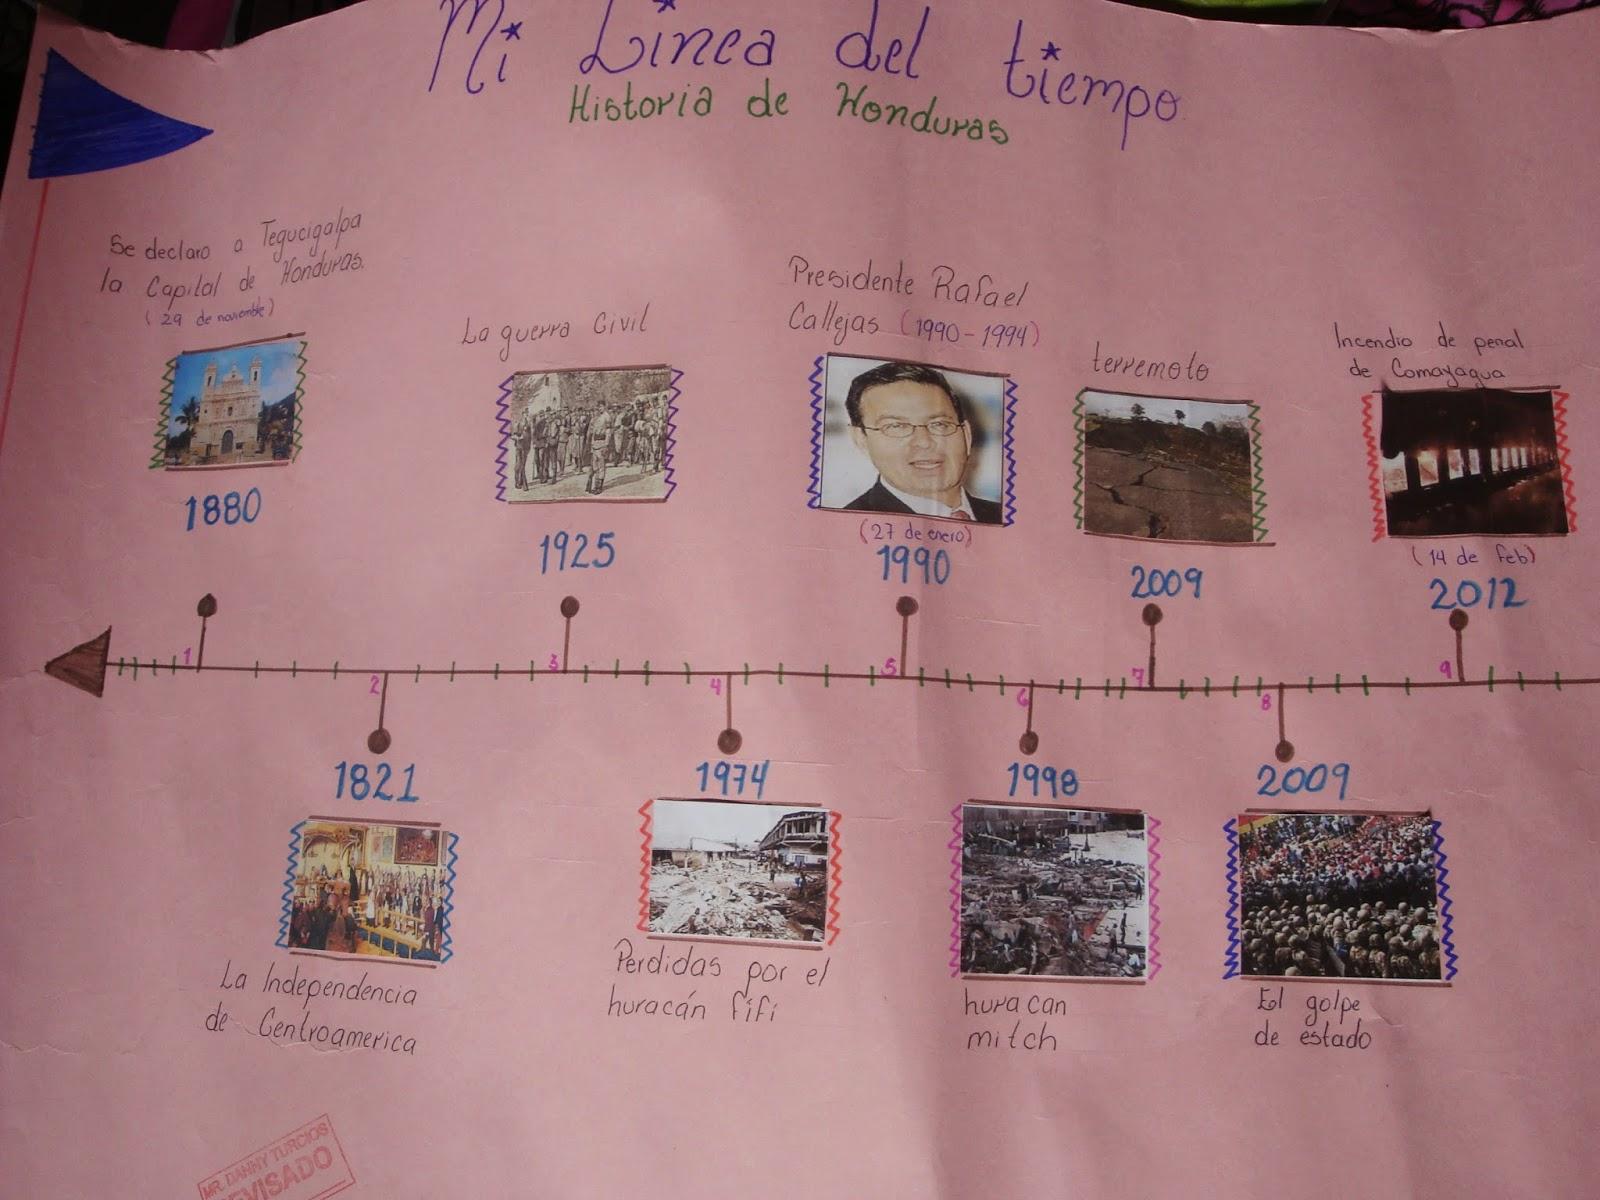 Historia De Honduras_Decimo: Lineas Del Tiempo